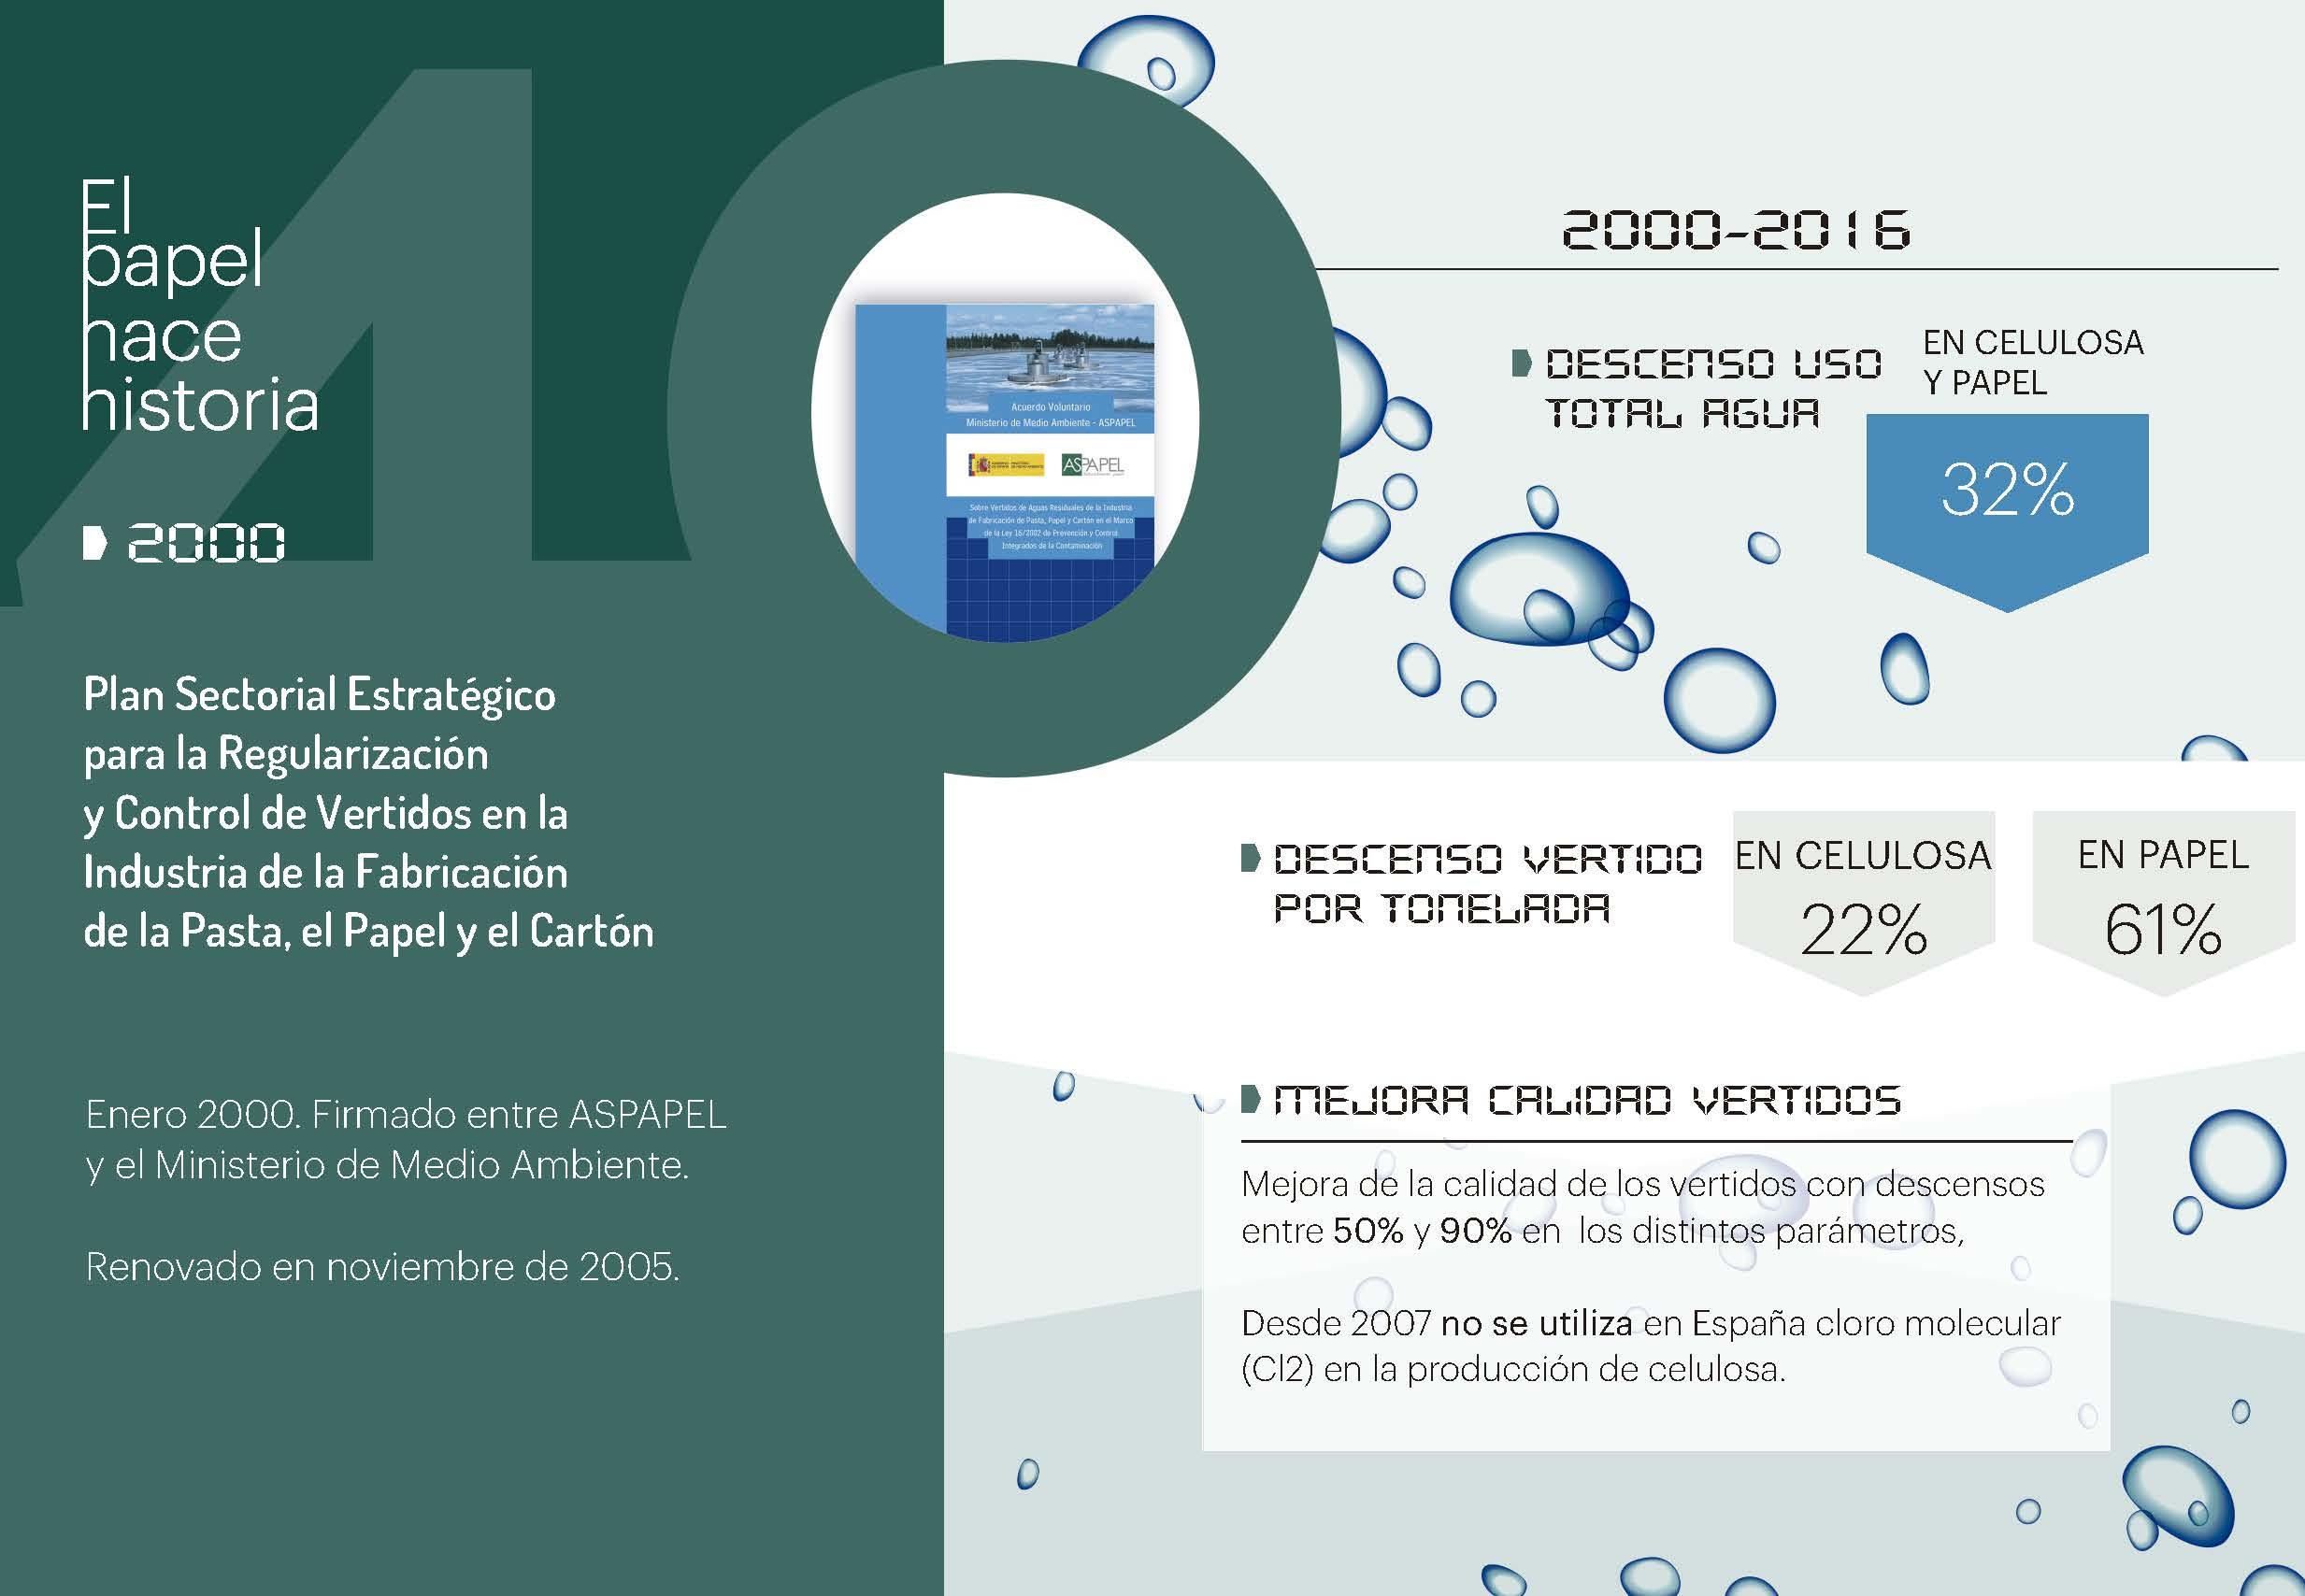 La industria papelera reduce más de un 30% el uso total del agua en celulosa y papel